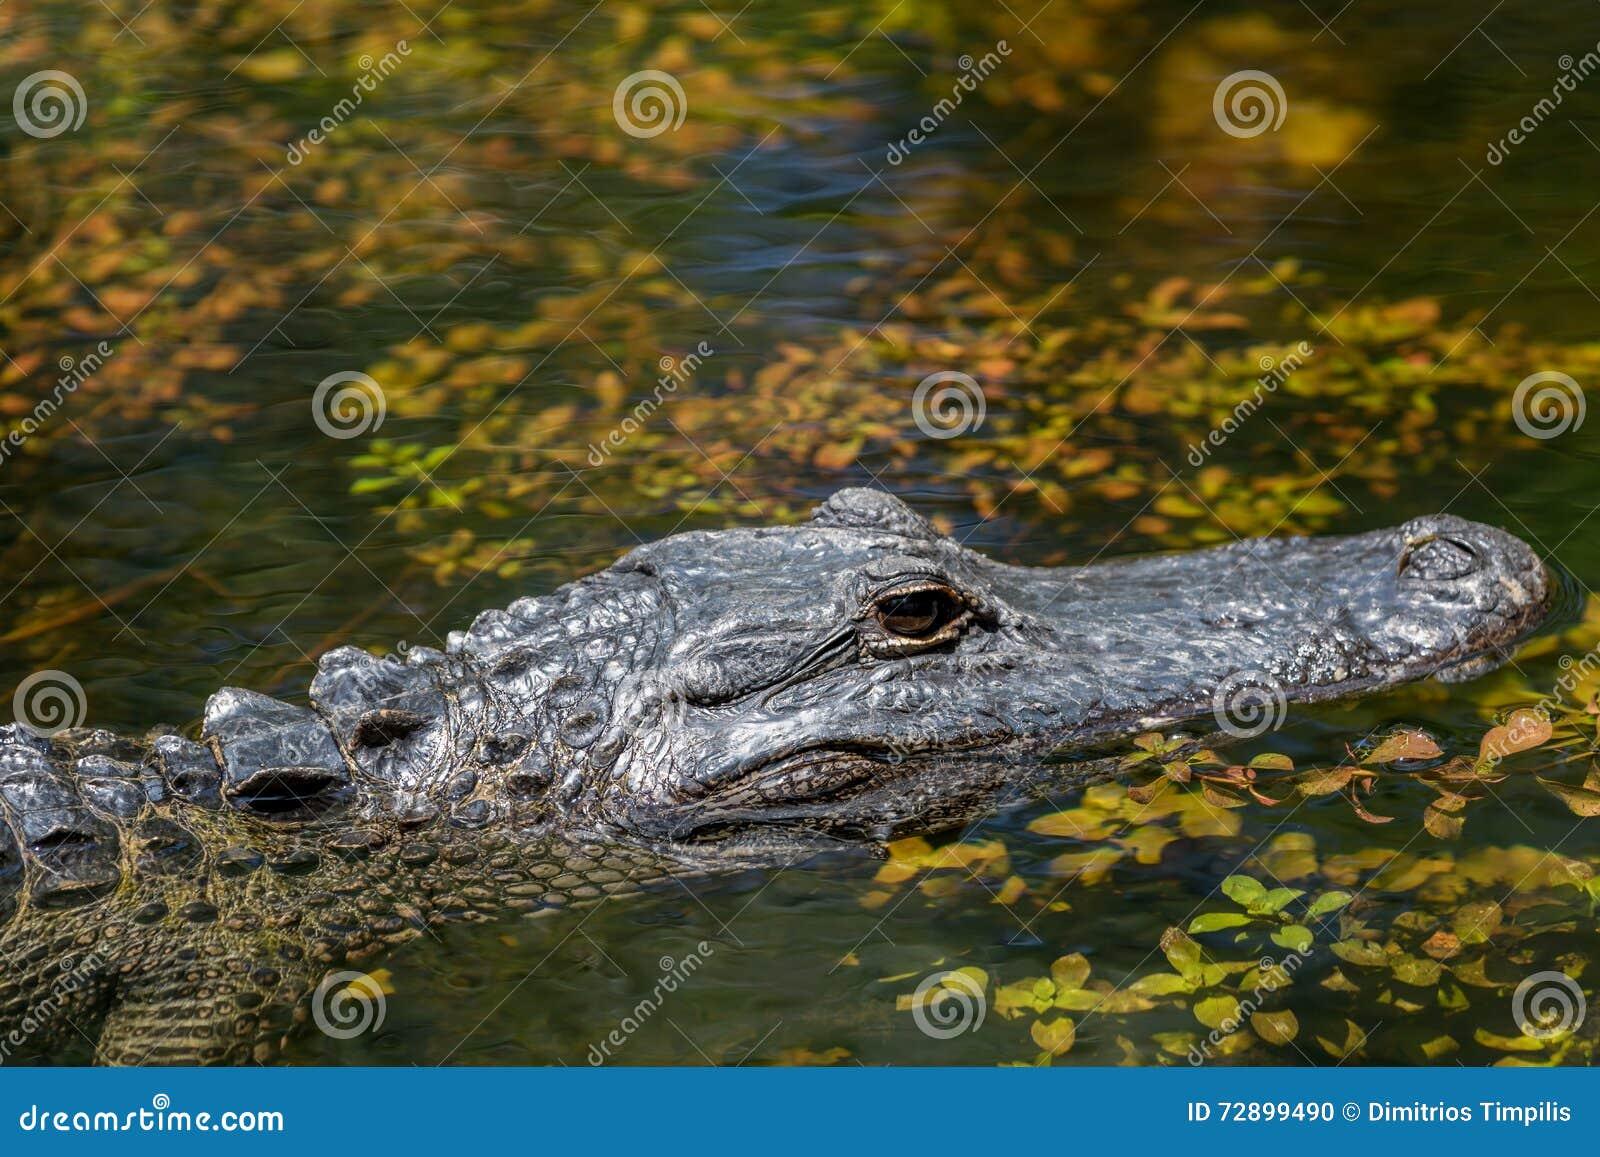 Natación del cocodrilo, coto nacional grande de Cypress, la Florida